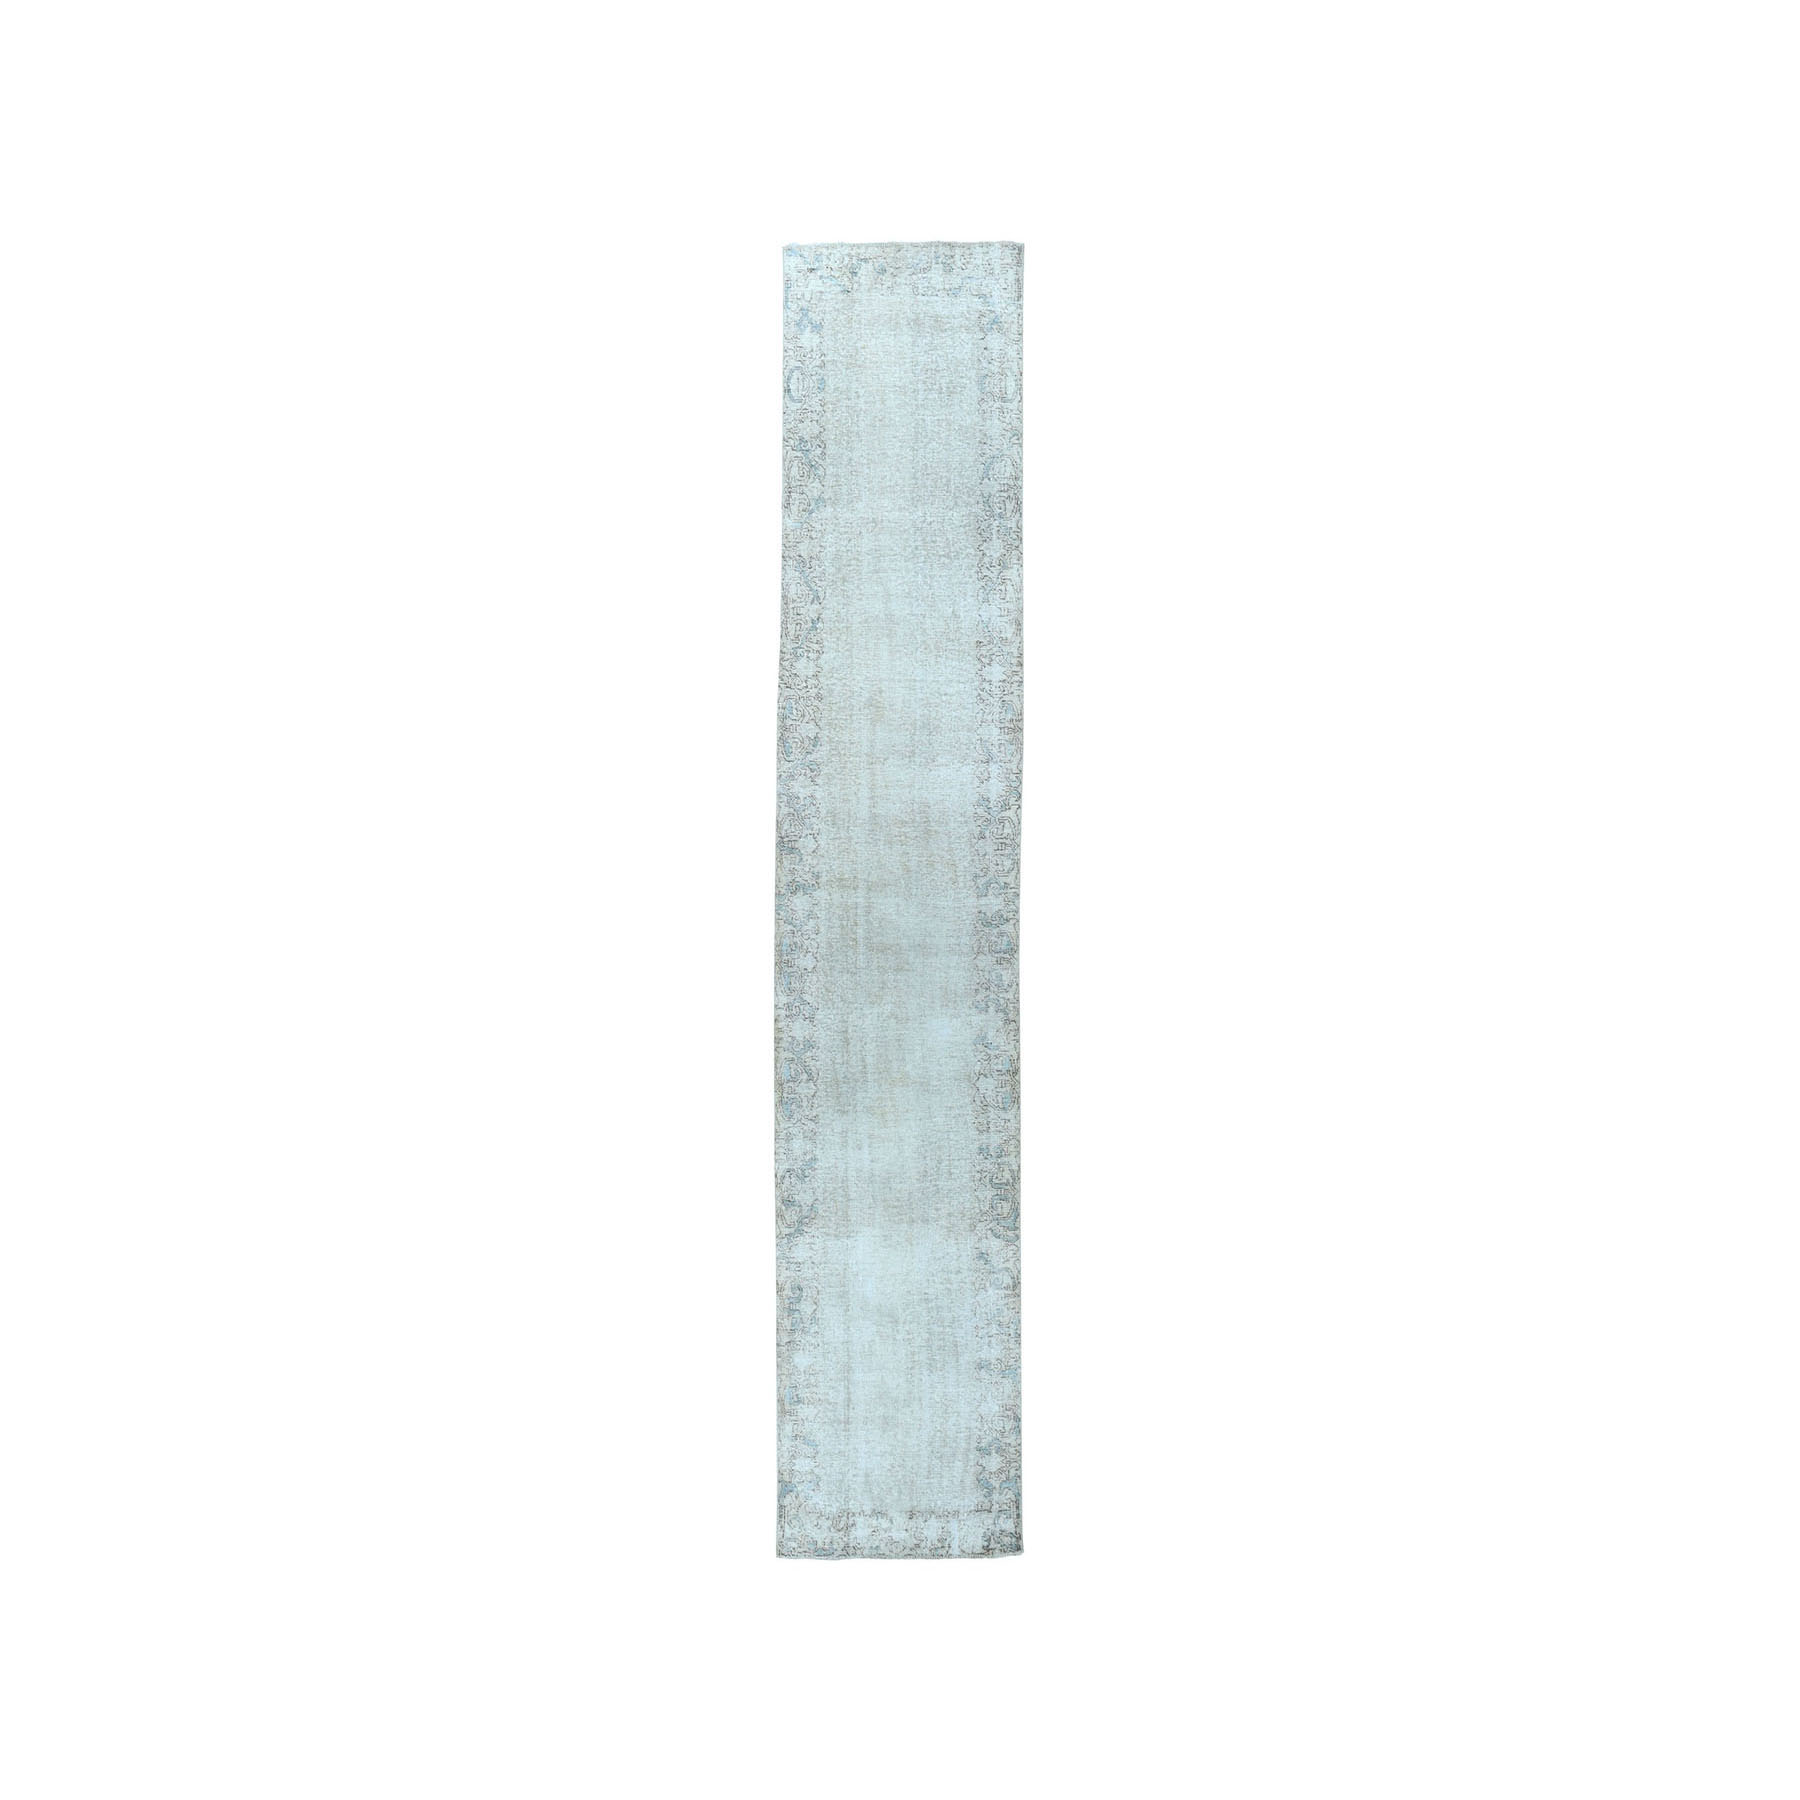 """2'7""""X11'10"""" Vintage White Wash Tabriz Worn Wool Runner Hand-Knotted Oriental Rug moae07ce"""